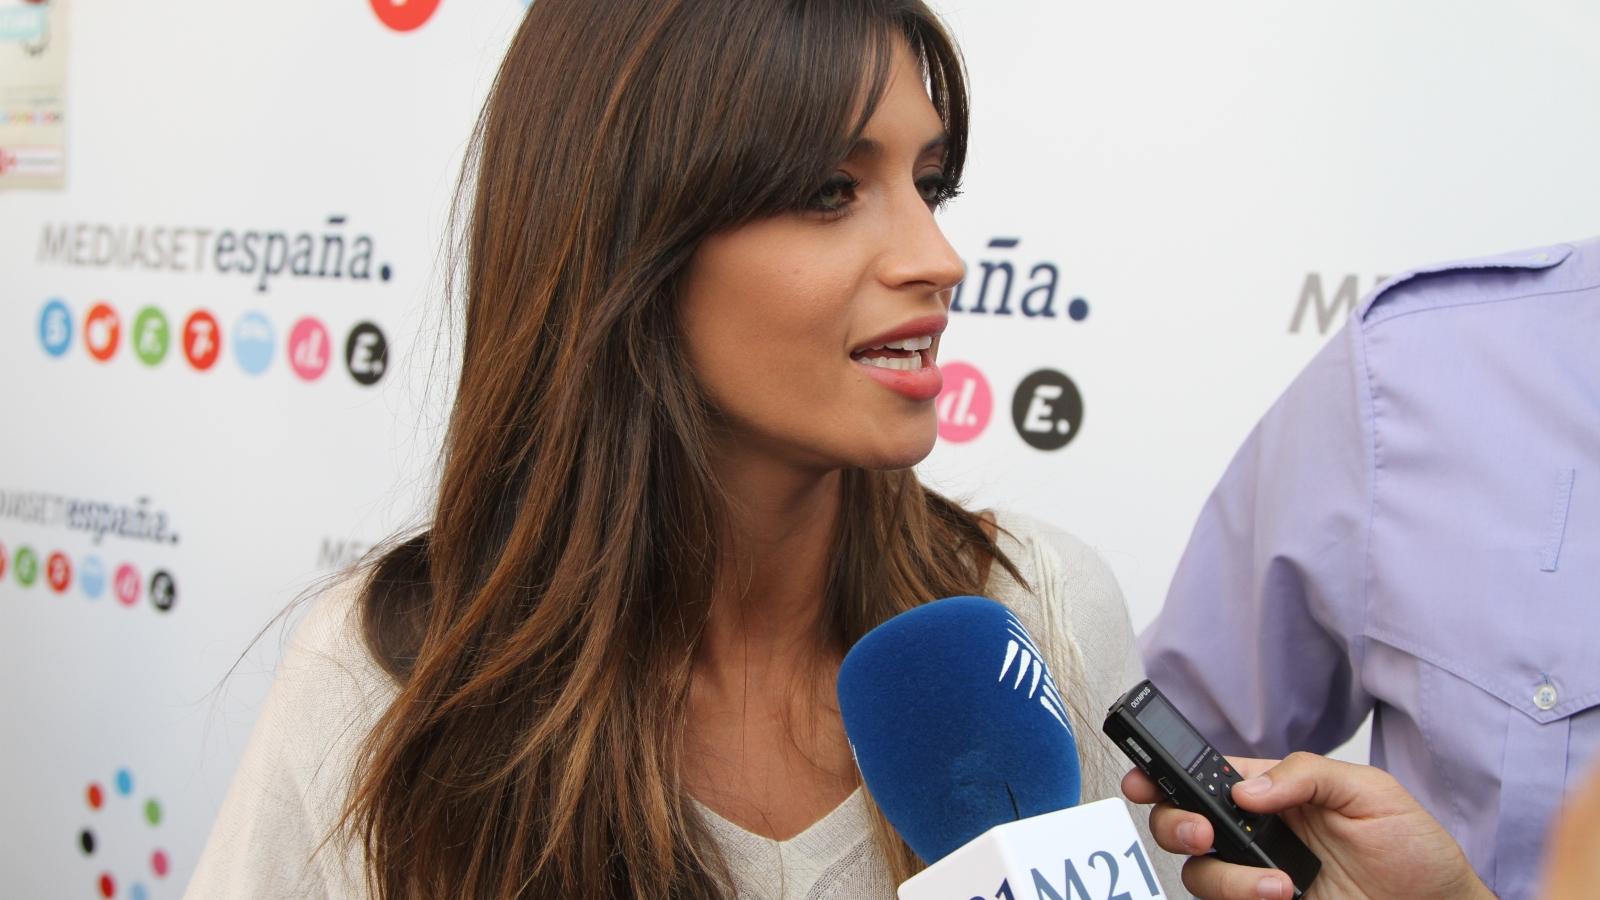 La entrevista a Sara Carbonero - 1600x900